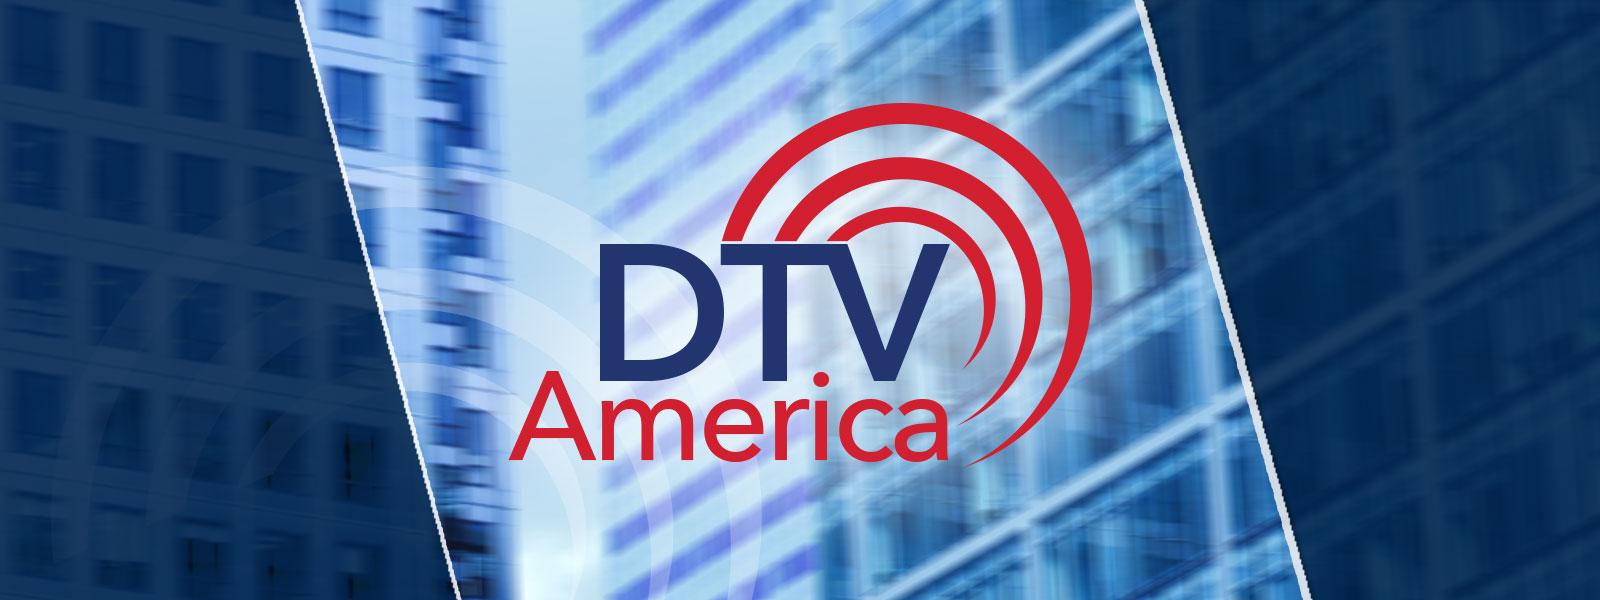 DTV_slider1-